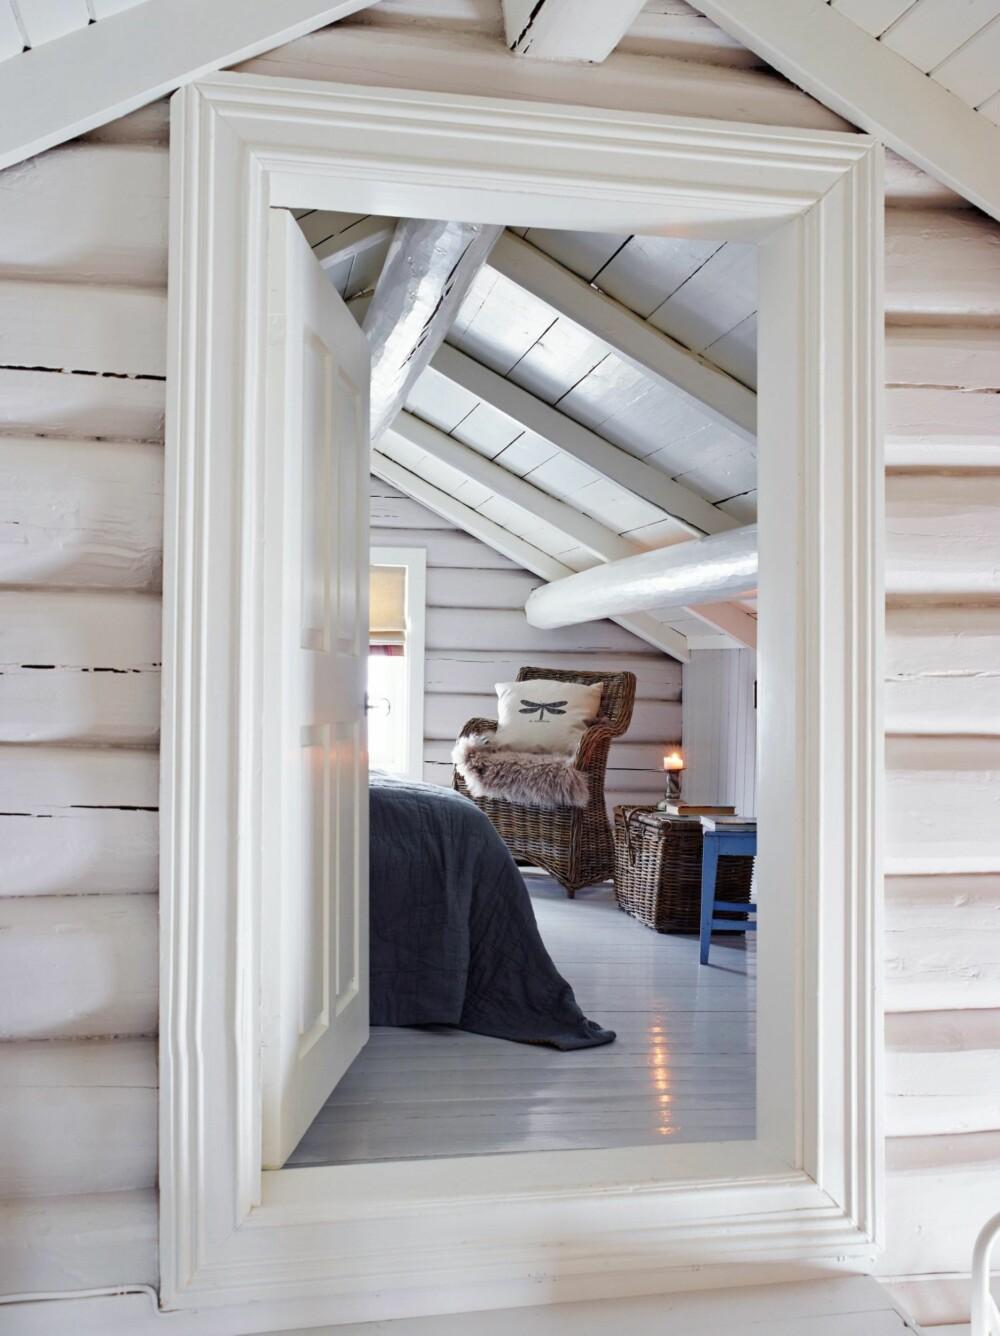 NY FARGE: Det opprinnelige, gulmalte tømmeret har nå fått lysnet sin tilværelse, malt med fargen Tudor fra Jotun. Styling: Tone Kroken.